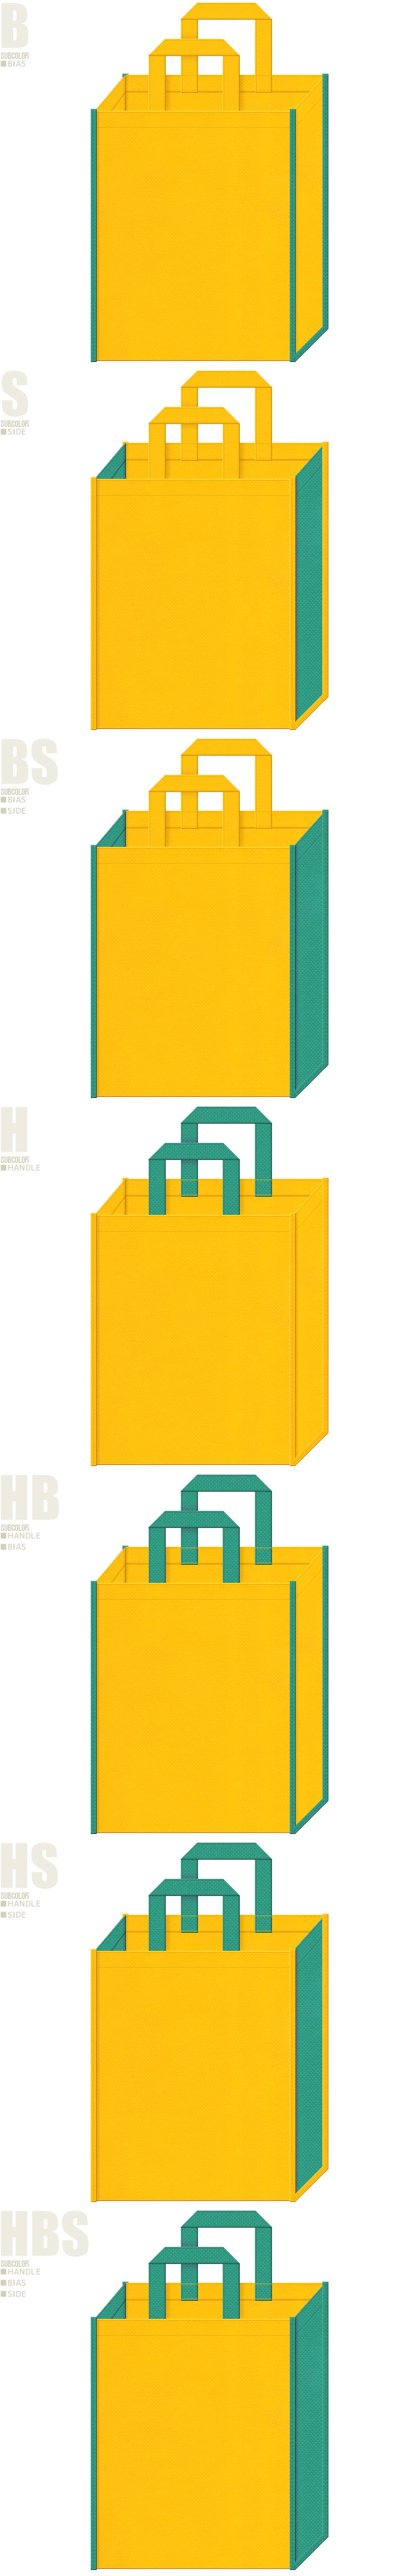 通園バッグ・おもちゃ・テーマパーク・ゲーム・キッズイベントにお奨めの不織布バッグデザイン:黄色と青緑色の配色7パターン